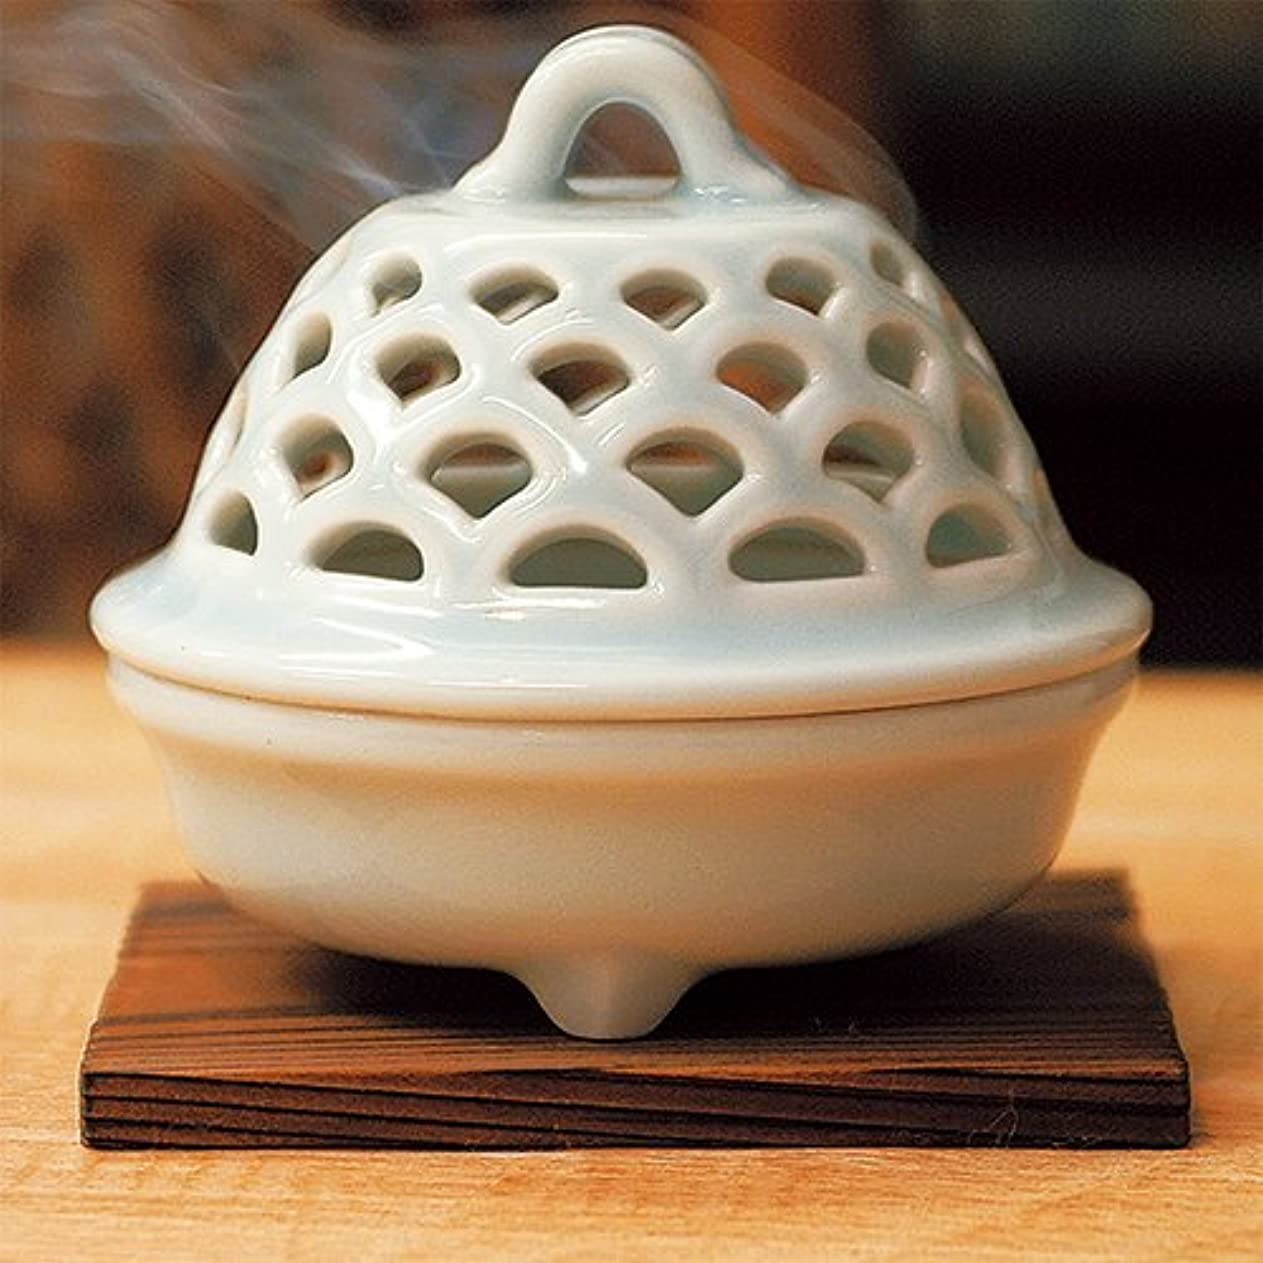 から波節約する香炉 青磁 透し彫り 香炉 [R9.5xH9cm] プレゼント ギフト 和食器 かわいい インテリア